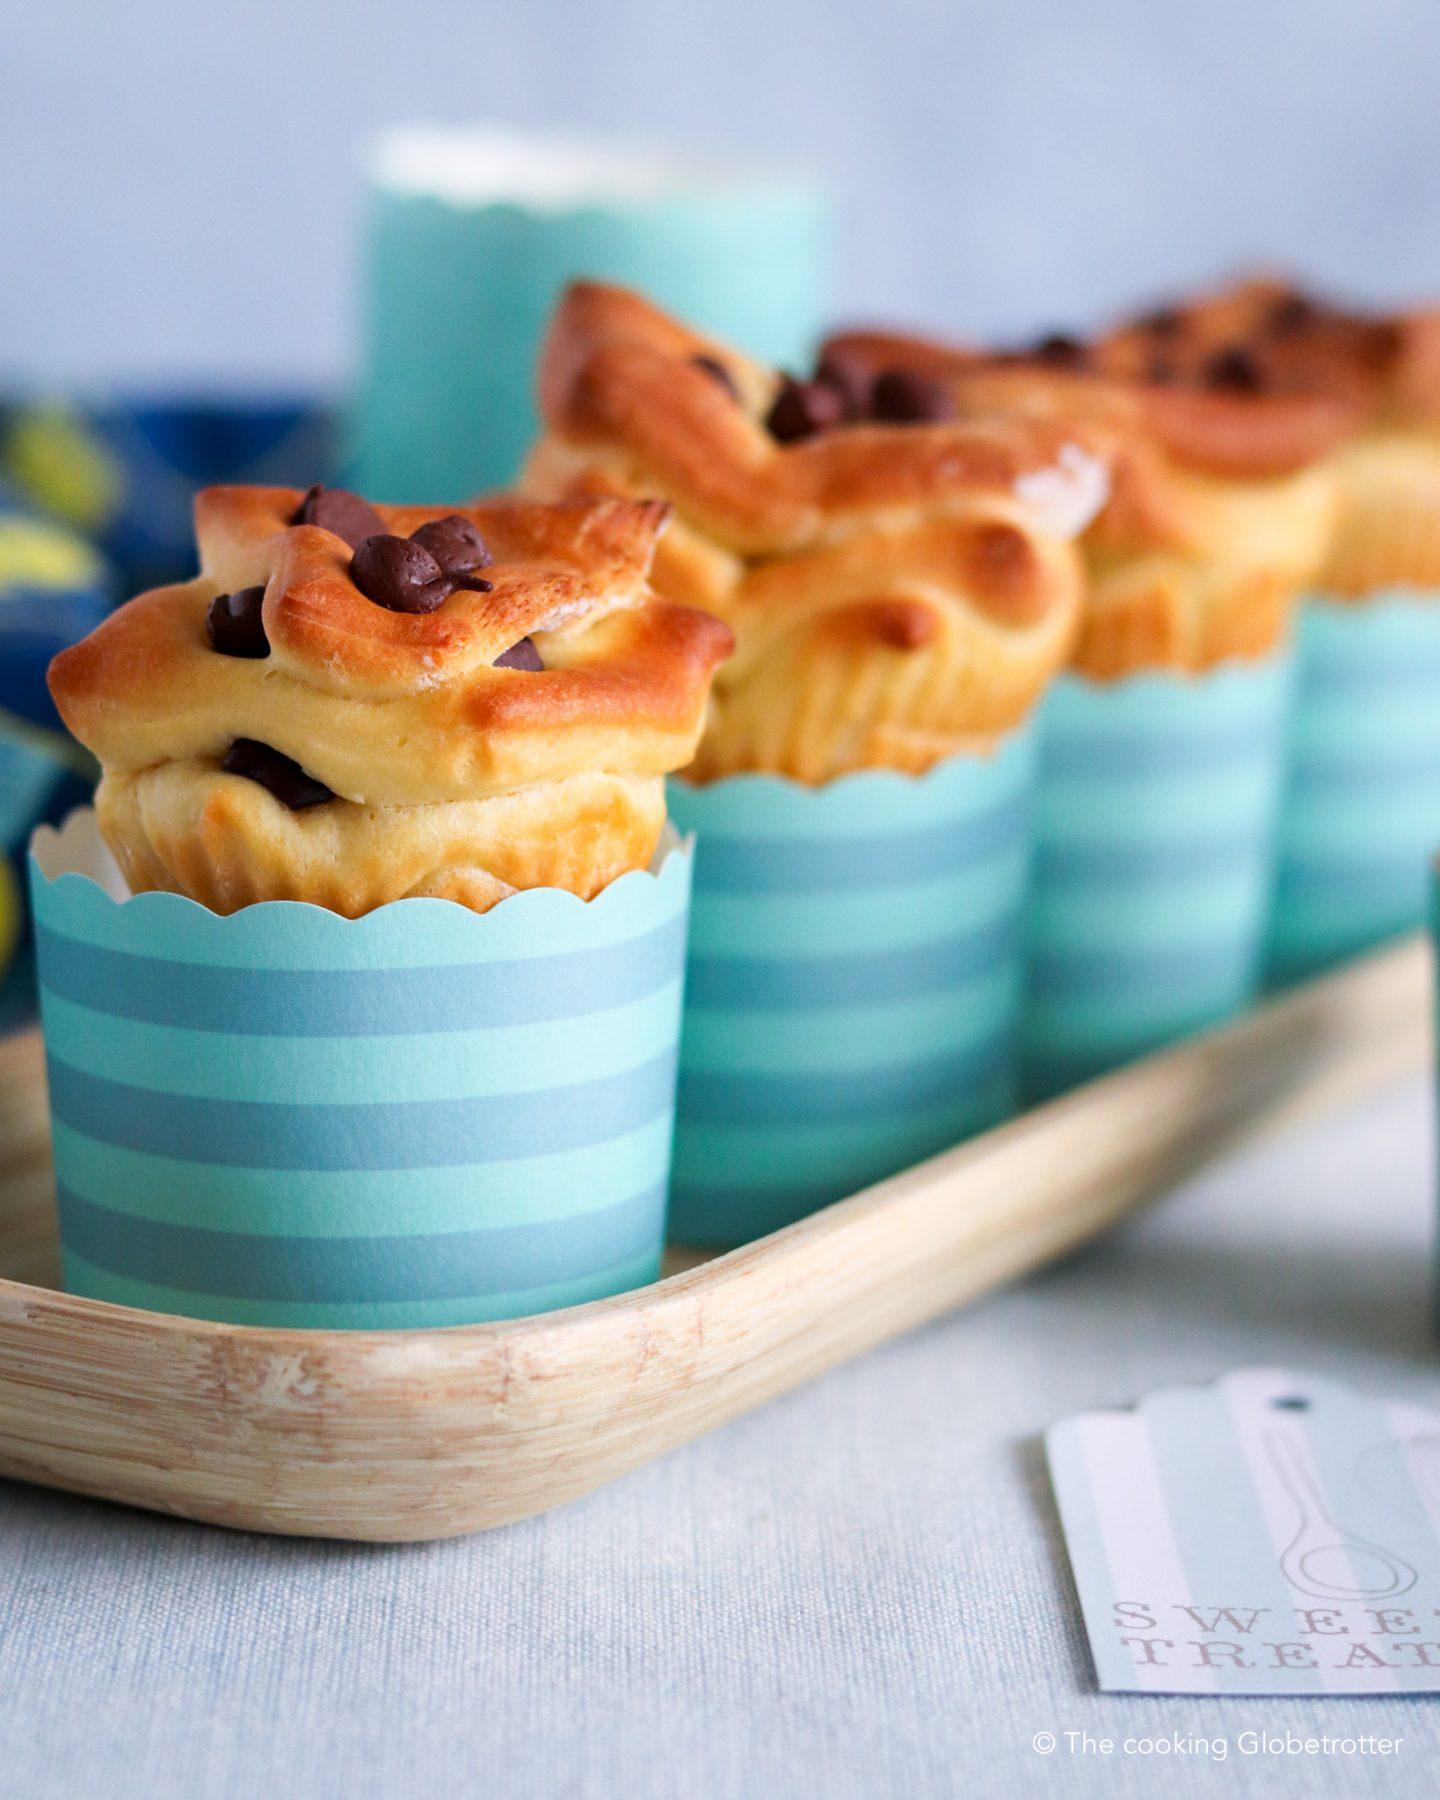 Index Hefeteig Rezepte für kleine Raupen Nimmersatt Kochbuch Zupfbrot Zucker arme Muffins mit Schokolade, einfache Hefe Teig Muffins für Kinder und di ganze Familie, backen